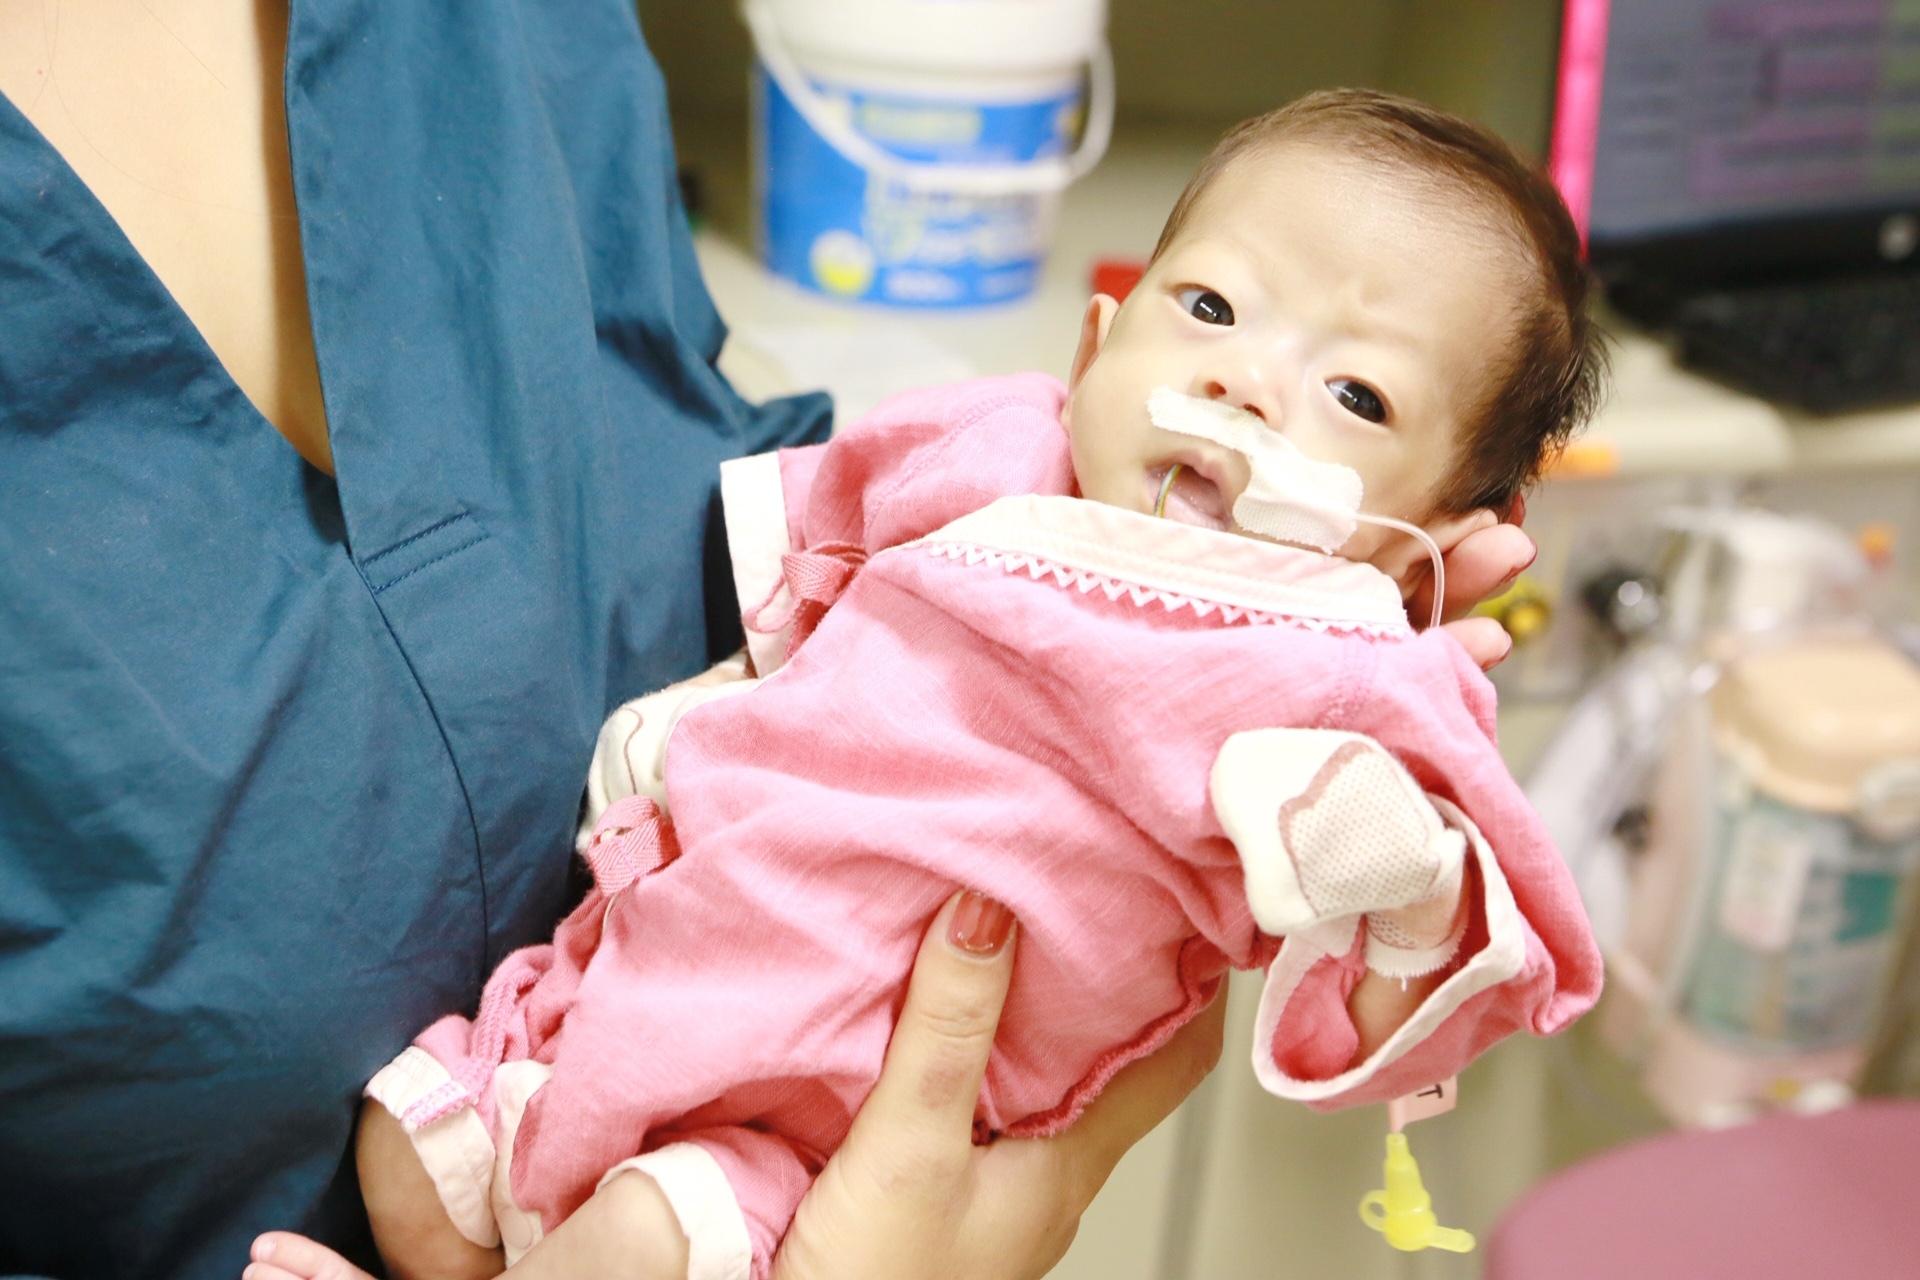 15cc2f8e02869 ベビーコンビ肌着 未熟児 プリミーサイズ ピンク